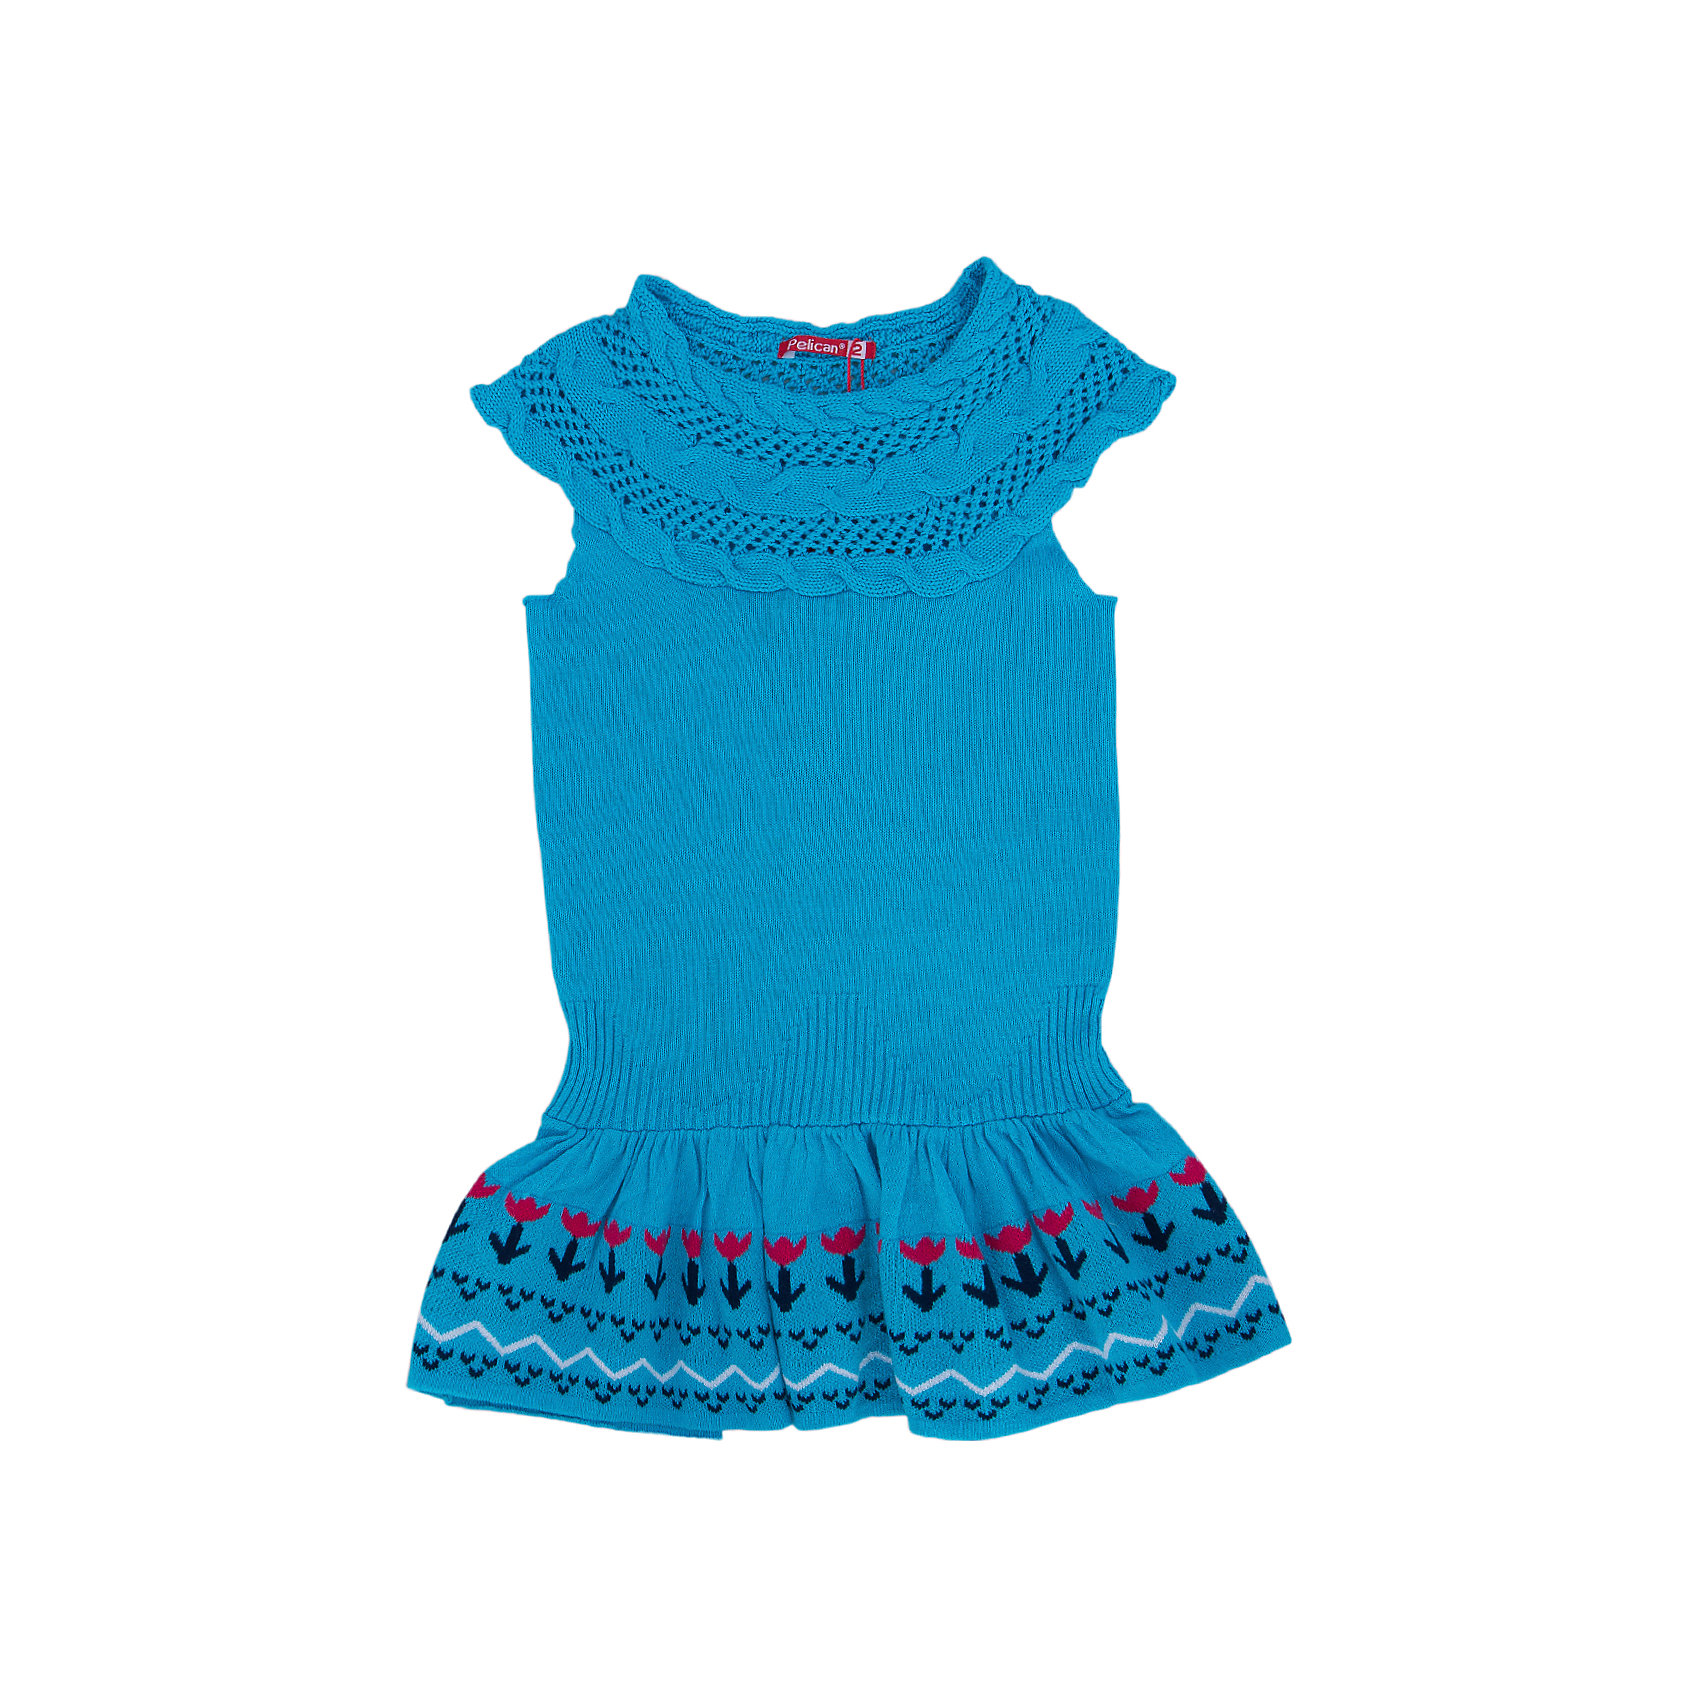 Платье для девочки PELICANПлатья и сарафаны<br>Модное вязаное платье для девочки смотрится очень нарядно. Оно поможет разнообразить гардероб ребенка, создать подходящий погоде ансамбль. Удобный крой и качественный материал обеспечат ребенку комфорт при ношении этих вещей. <br>Платье декорировано вывязанным узором из косичек, низ - украшен воланами и орнаментом. Рукава короткие. Вязка очень качественная, гладкая. Материал платья состоит из дышащего натурального хлопка. <br><br>Дополнительная информация:<br><br>материал: 100% хлопок;<br>цвет: голубой;<br>декорировано узором и воланами.<br><br>Платье для девочки от бренда PELICAN (Пеликан) можно купить в нашем магазине.<br><br>Ширина мм: 236<br>Глубина мм: 16<br>Высота мм: 184<br>Вес г: 177<br>Цвет: голубой<br>Возраст от месяцев: 18<br>Возраст до месяцев: 24<br>Пол: Женский<br>Возраст: Детский<br>Размер: 92,110,104,98<br>SKU: 4804984